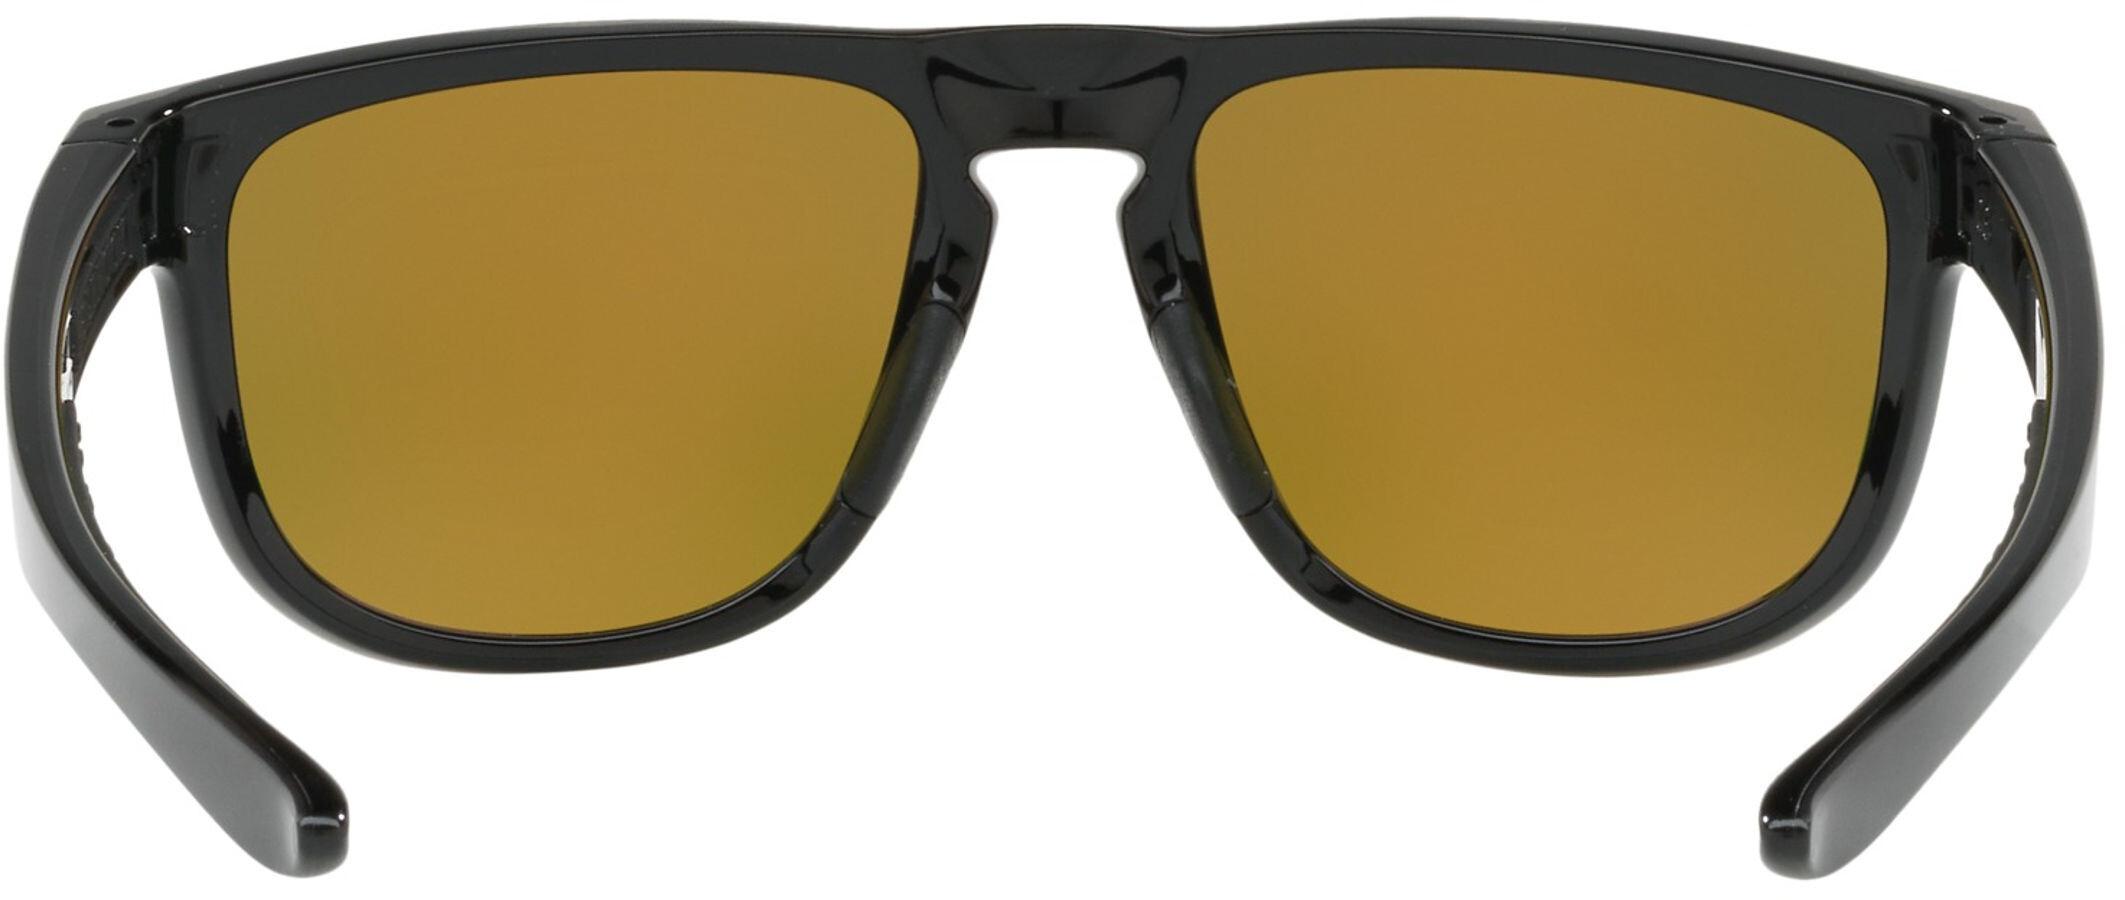 7f0284e2a6 Oakley Holbrook R - Lunettes cyclisme - orange/noir - Boutique de ...